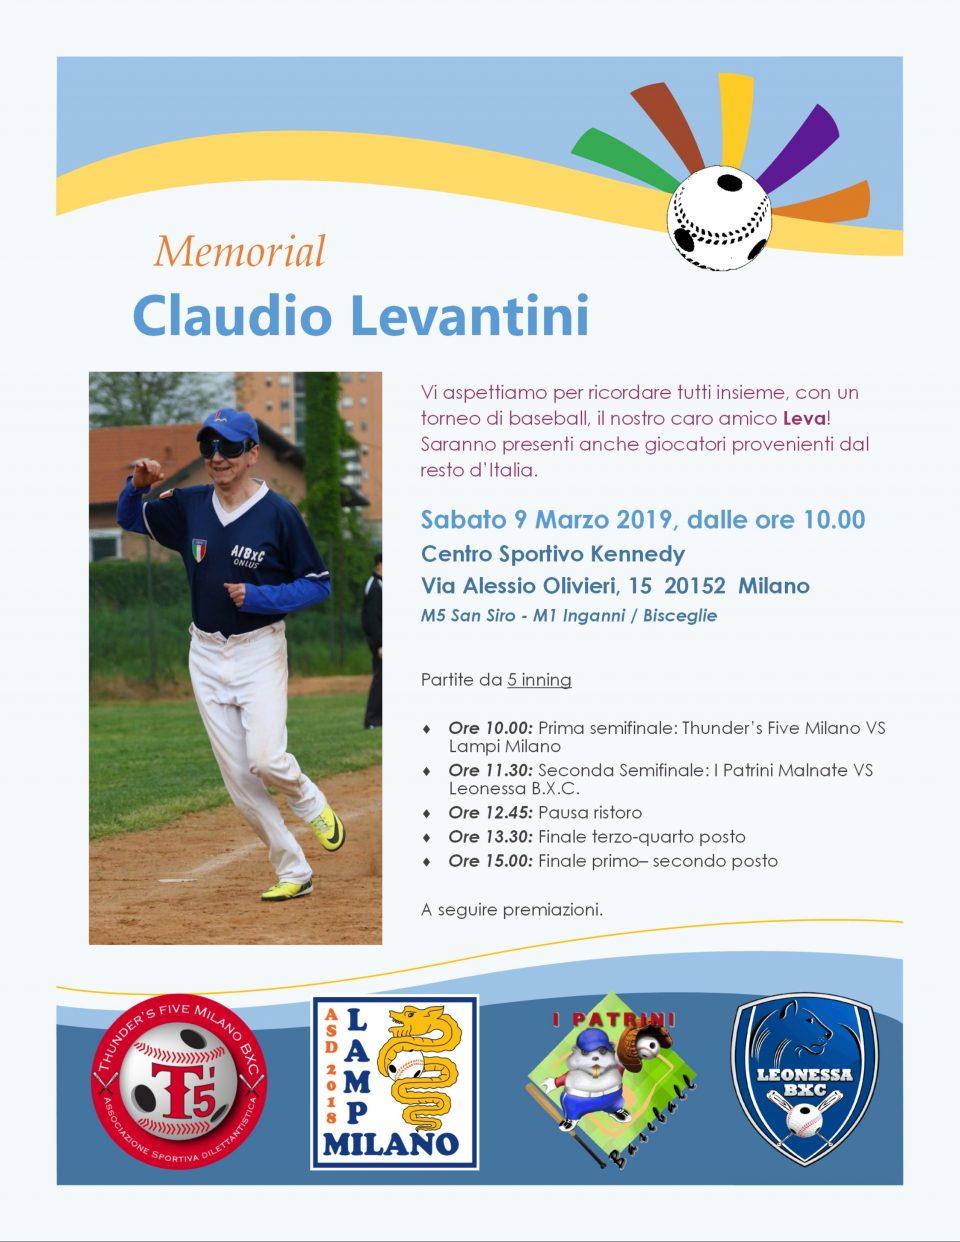 Memorial Claudio Levantini